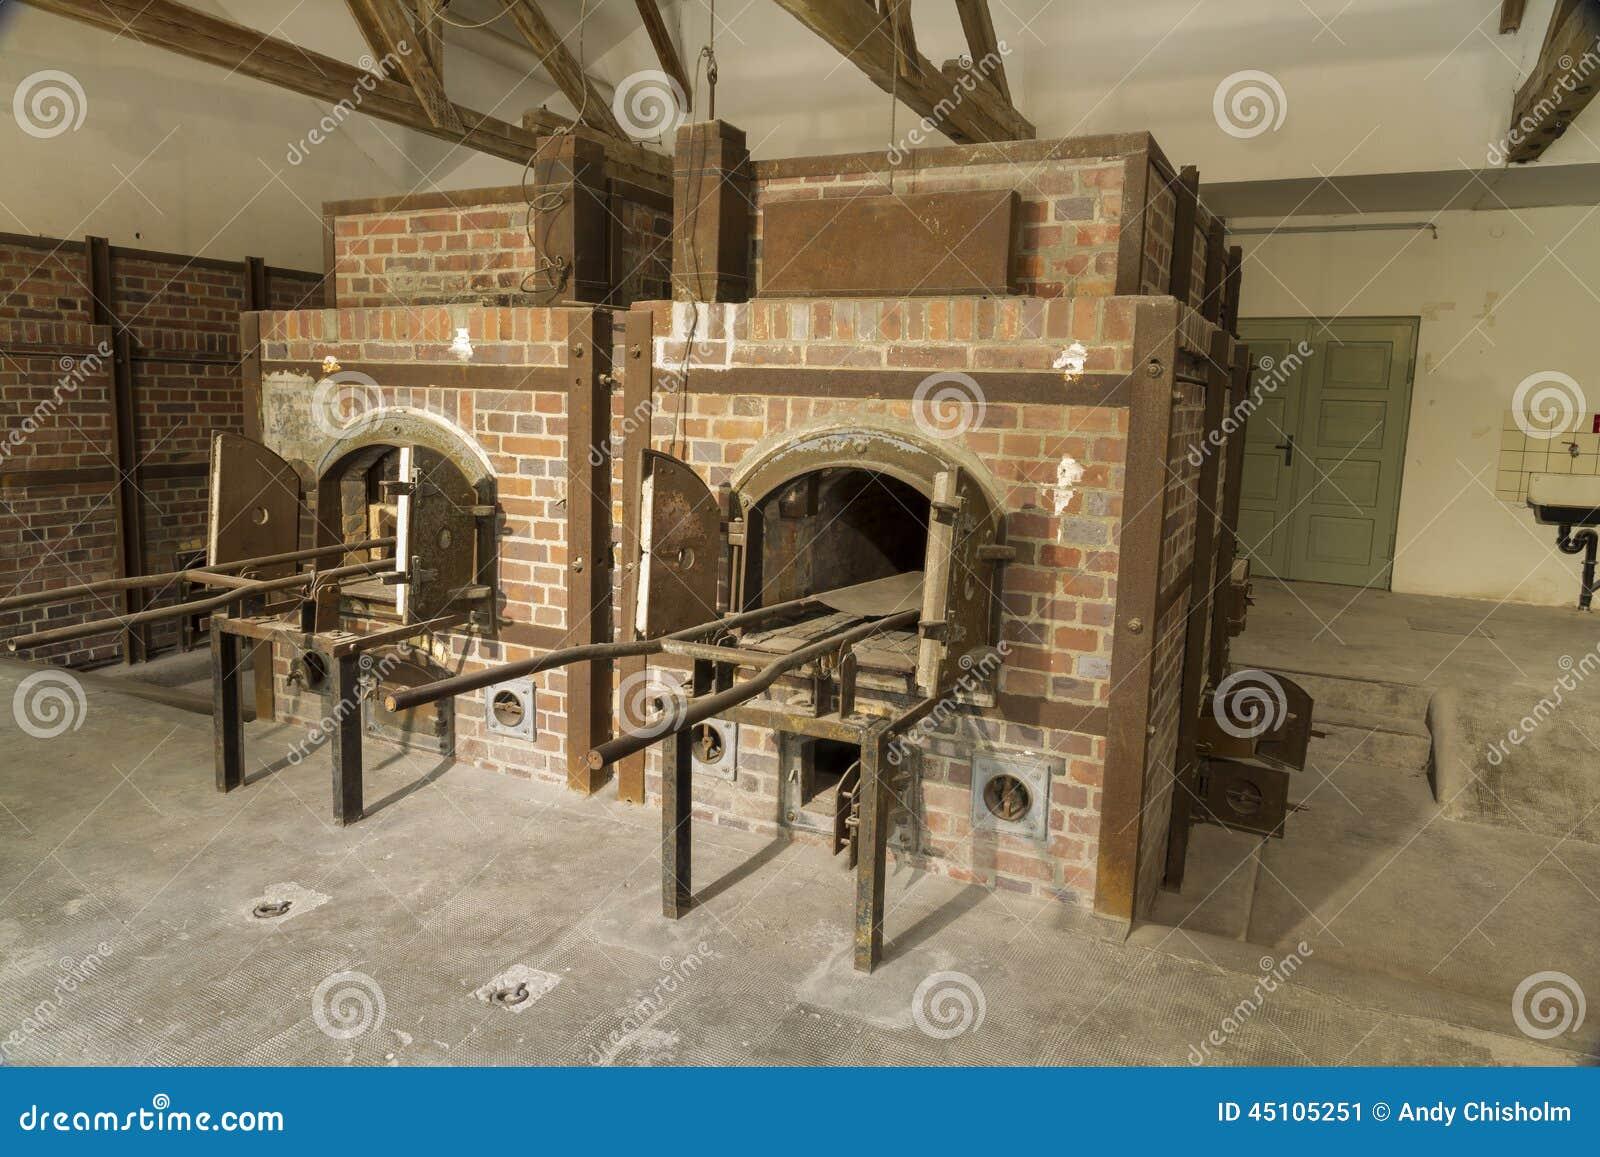 ... , Dachau Concentration Camp, near Munich, Bavaria, Germany, Europe